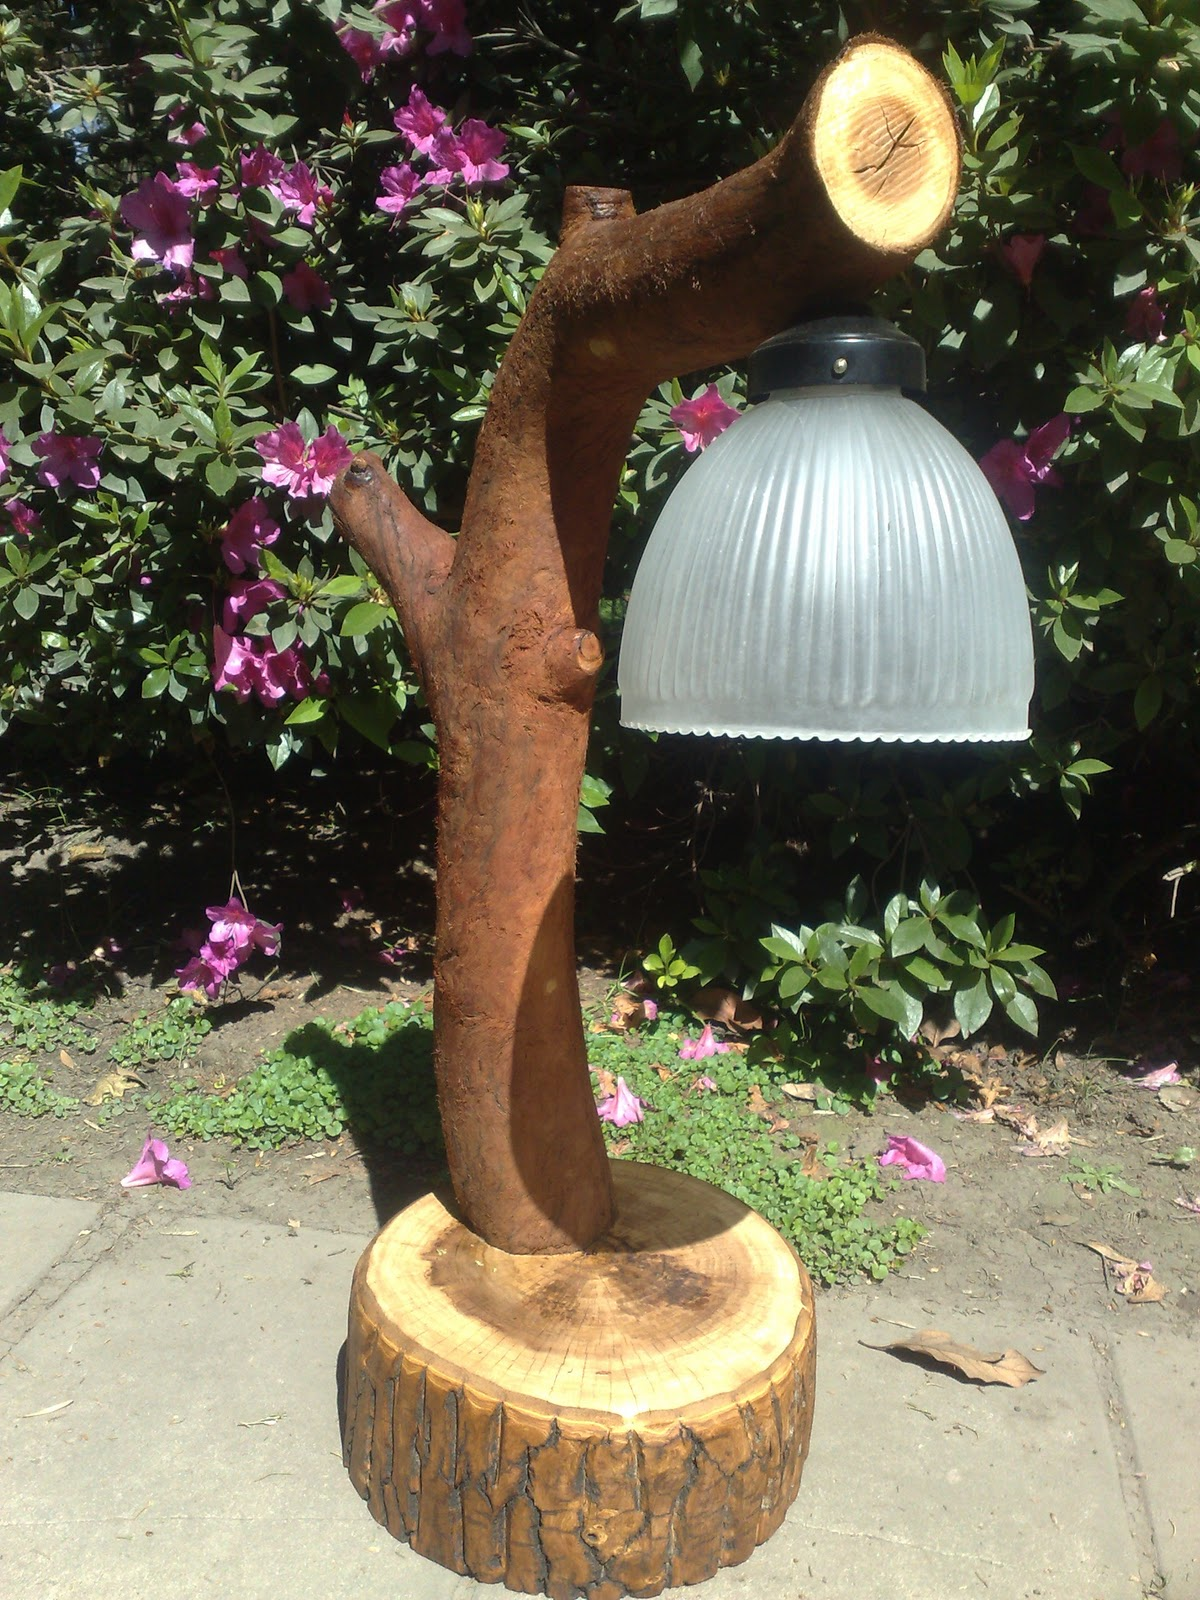 Artesania en madera rustica e iluminacion en tronco - Manualidades para casa rustica ...